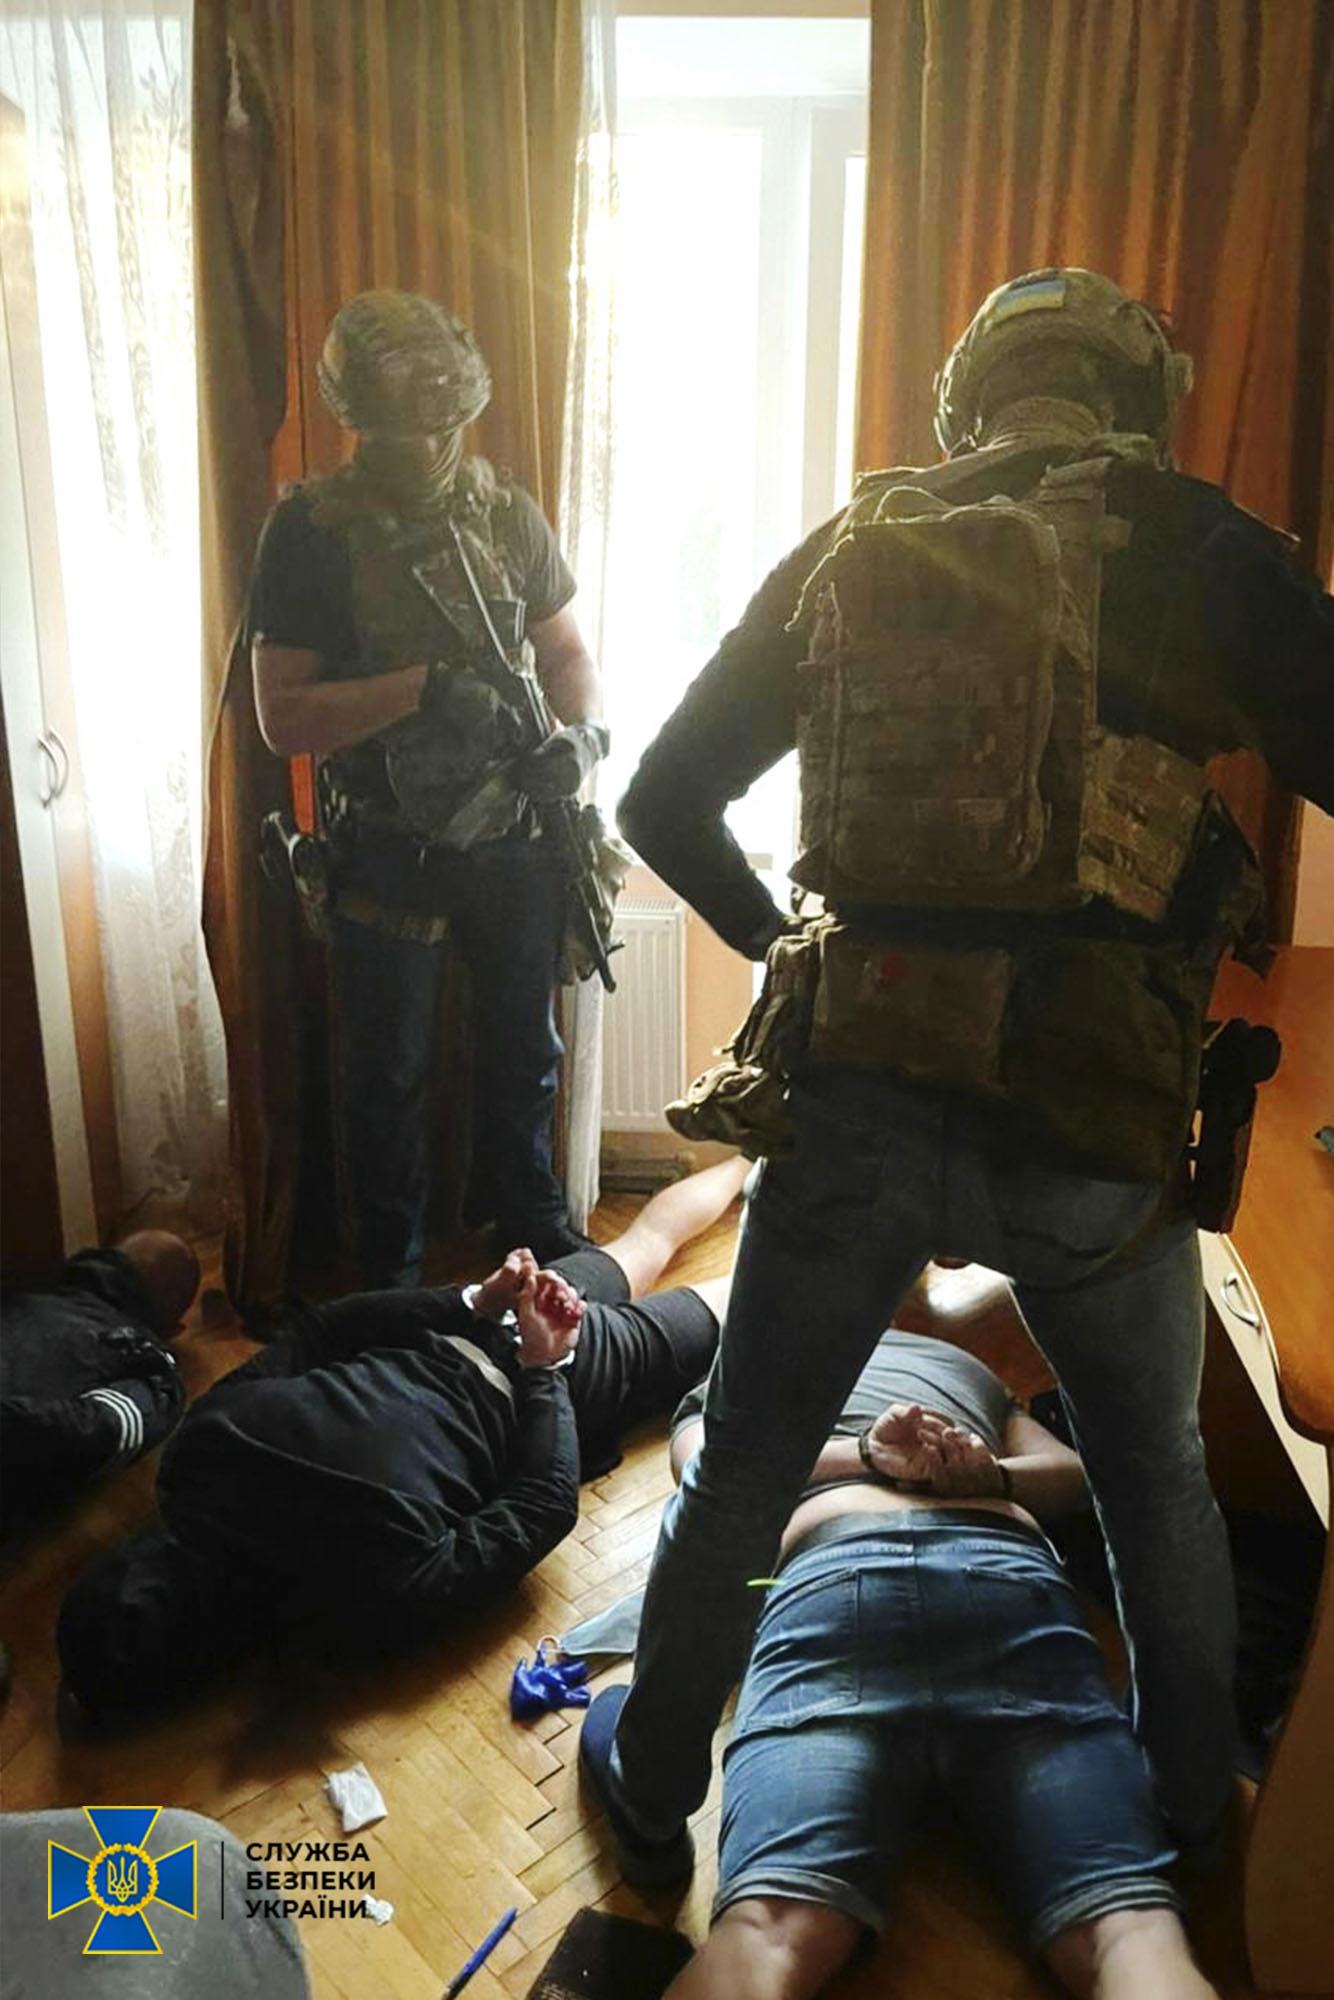 СБУ знешкодила угруповання, яке тероризувало мешканців Франківська (ФОТО)